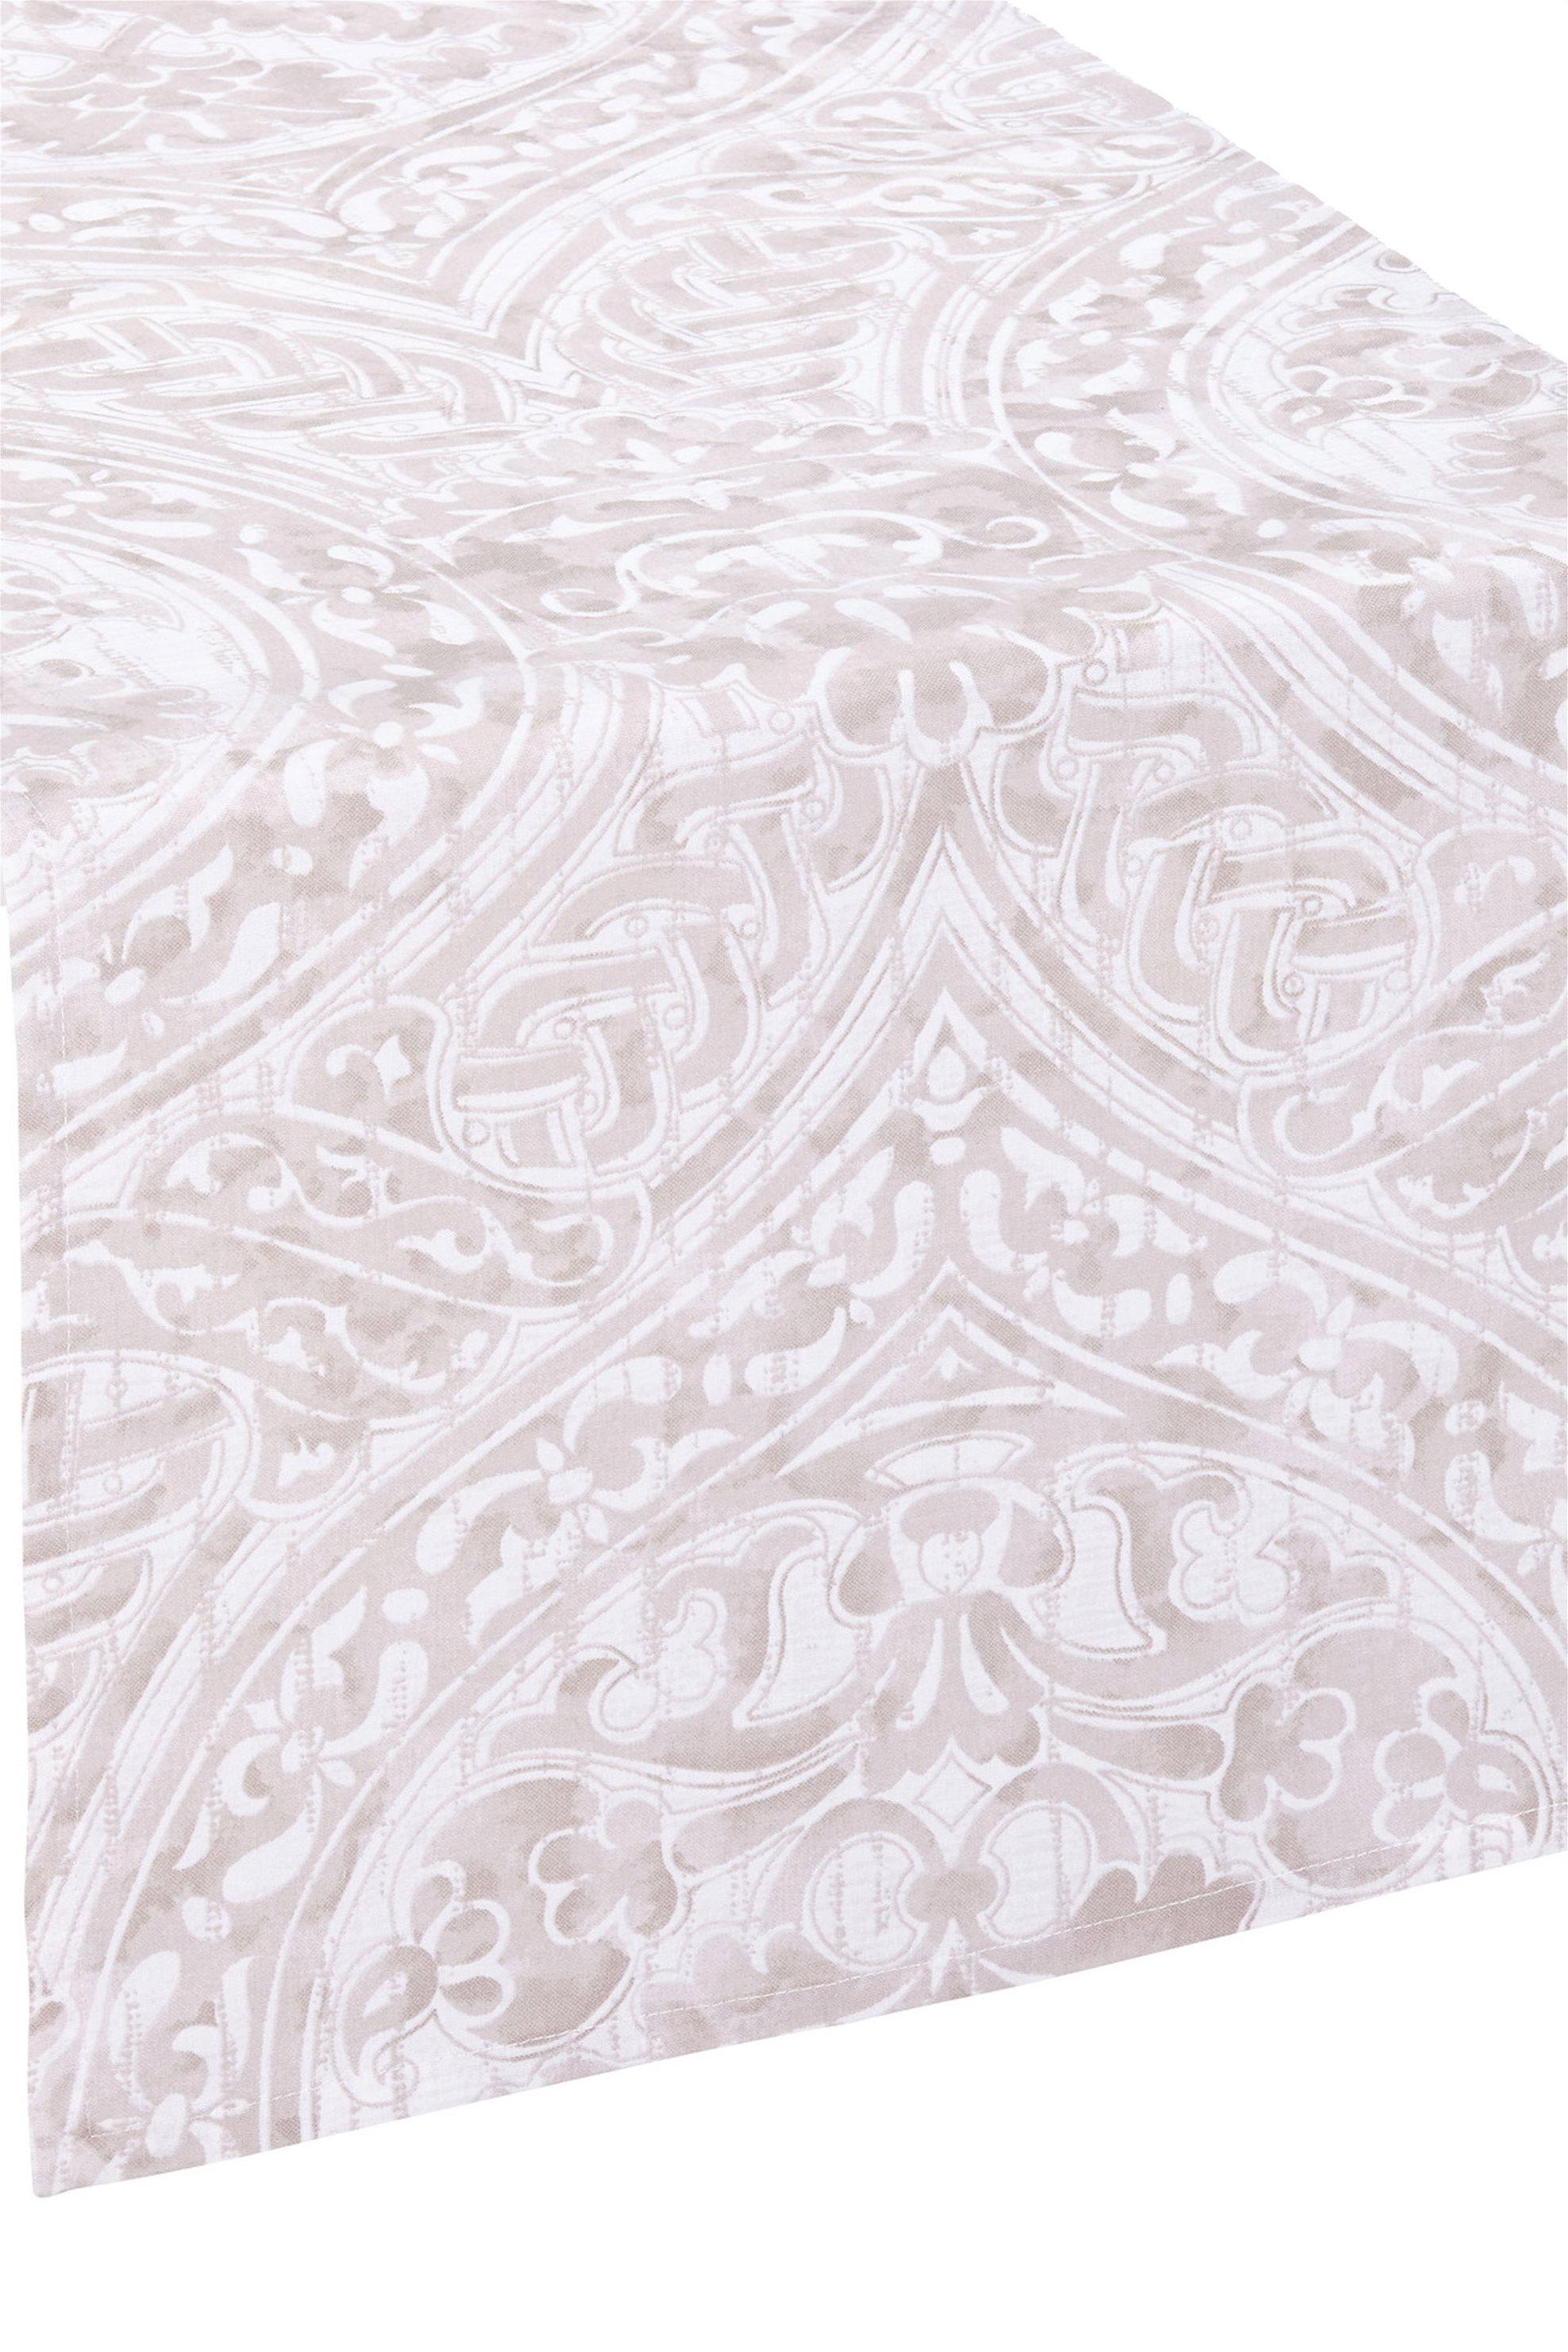 Ράνερ damask print 120 x 40 cm Coincasa - 000496084 - Μπεζ home   κουζινα   τραβέρσες   ράνερ